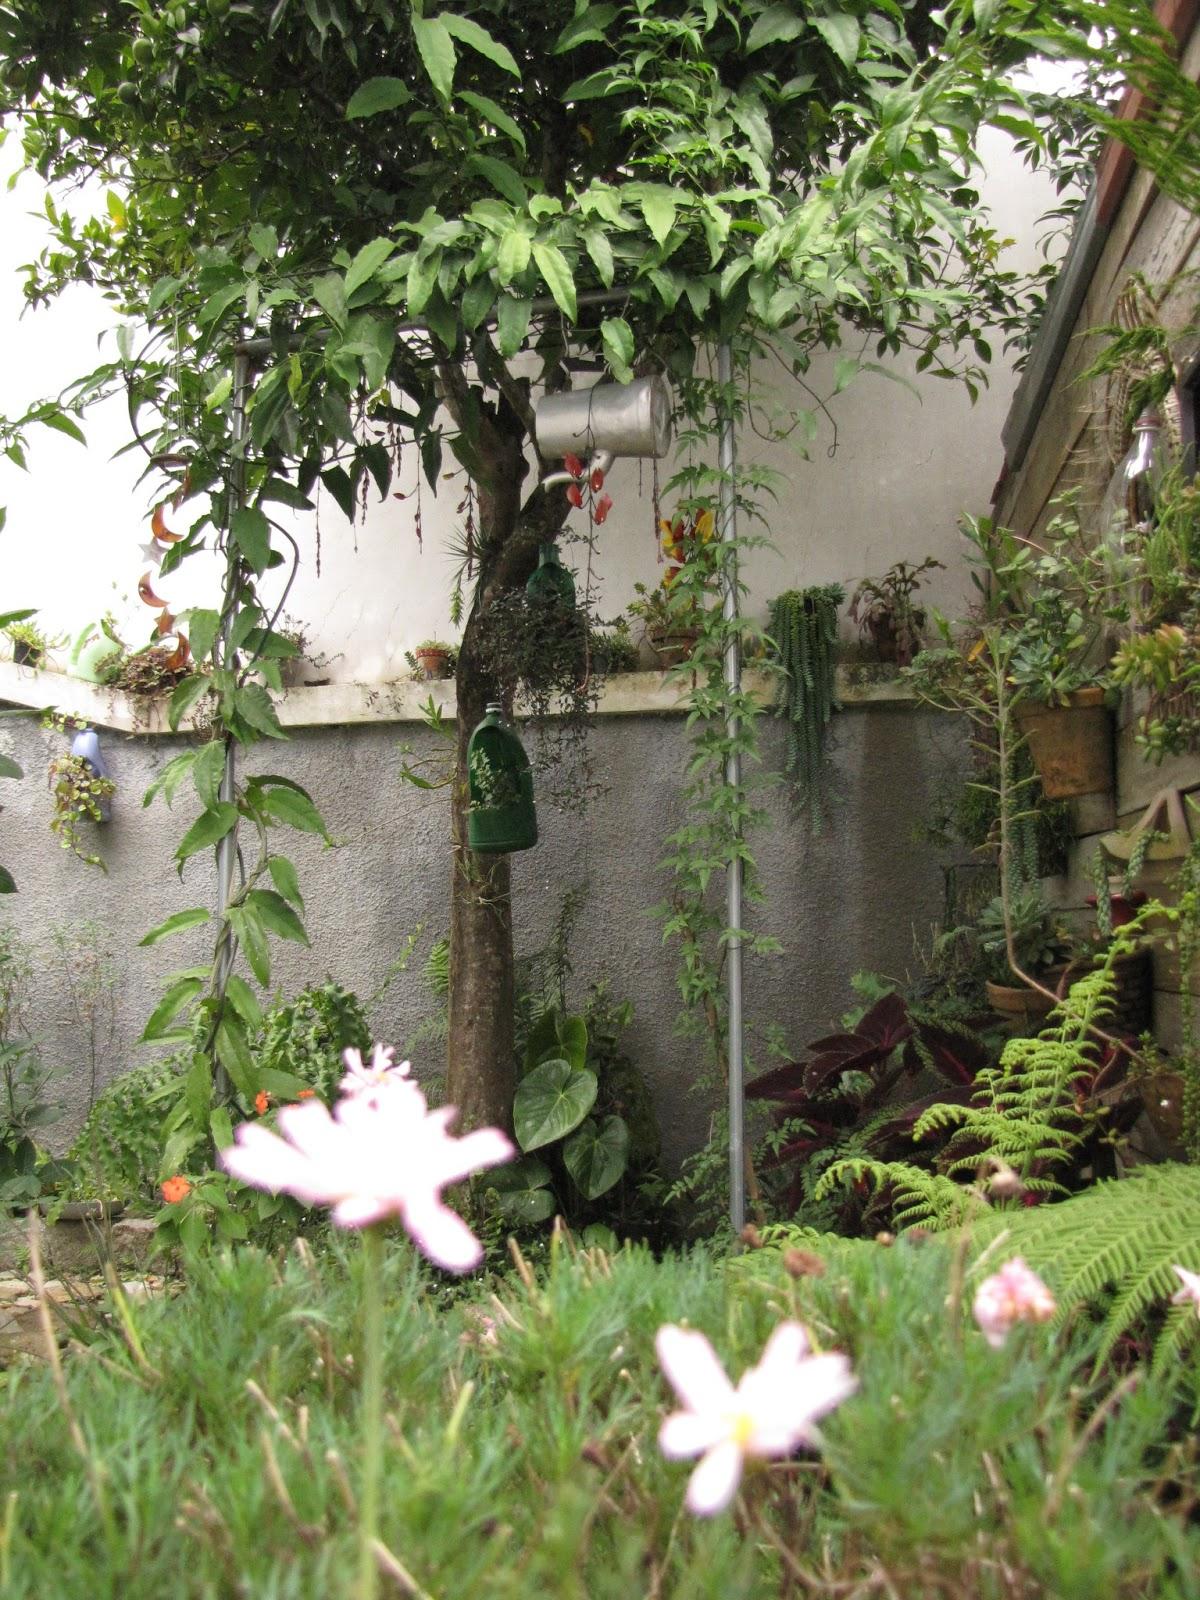 meu quintal meu jardim : meu quintal meu jardim:tudo o que brota e floresce no meu jardim